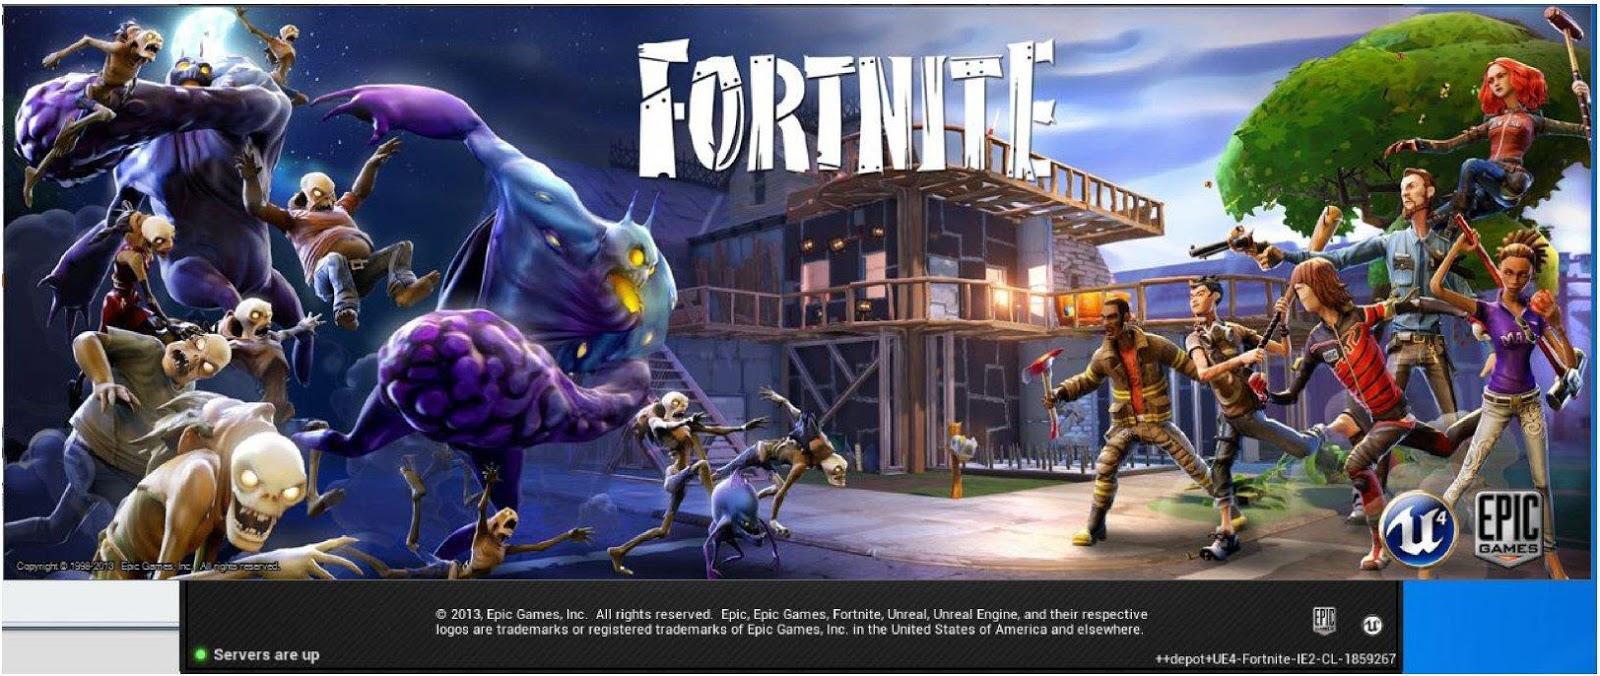 Epic Game Com Fortnite | Fortnite Free Ps4 Skin